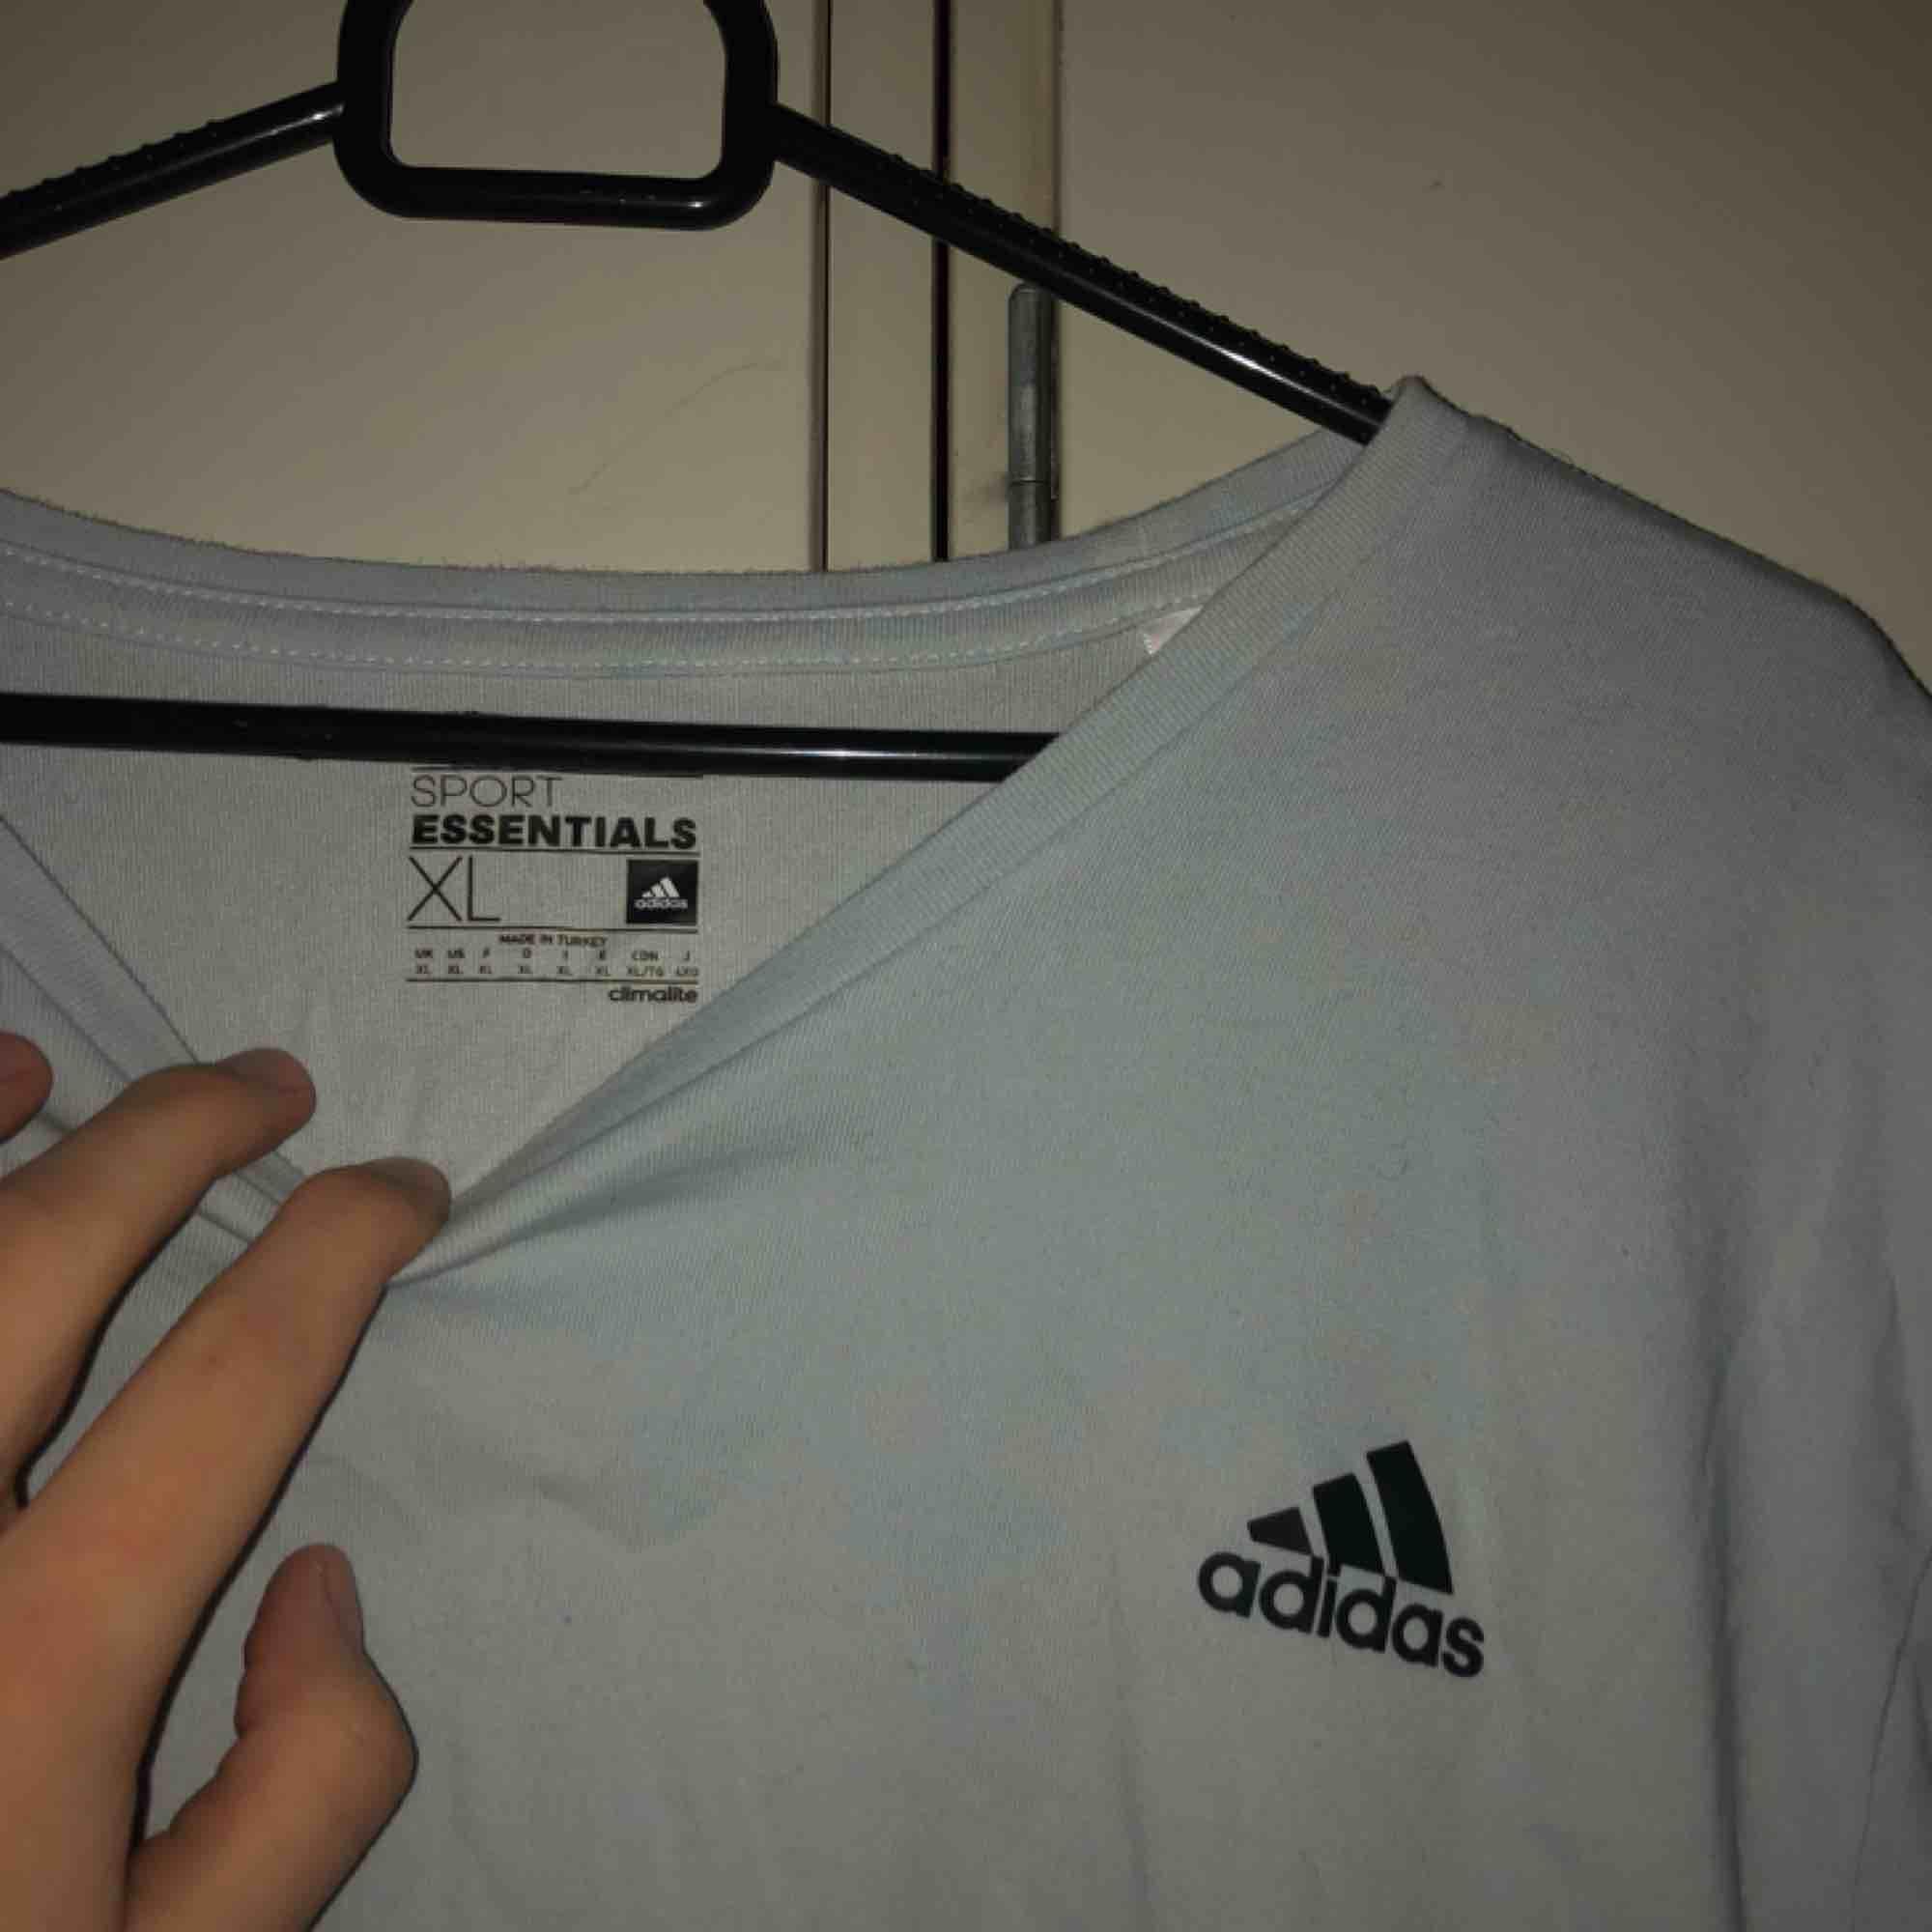 skitnice stor adidas tisha!! använt som klänning dock (kort.) va vit från början men blev missfärgad i tvätten så nu e den duvblå/ljusgrå typ. skitsnyggt!. T-shirts.